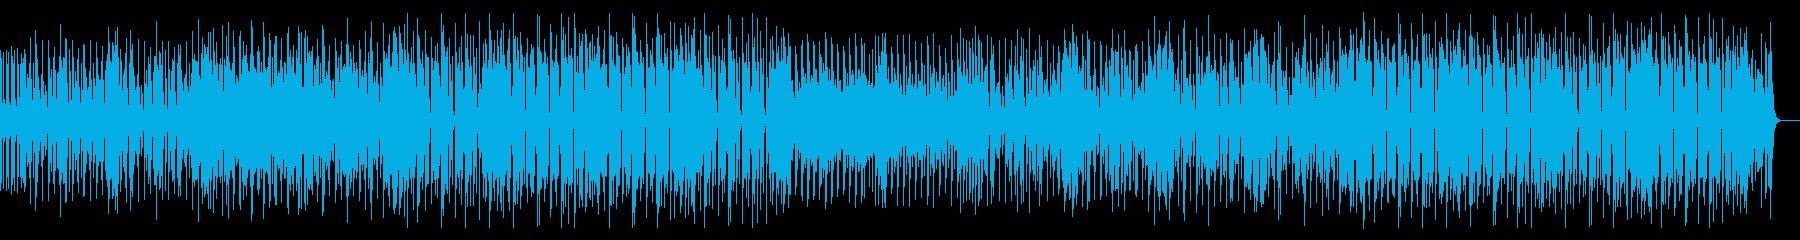 80年代風ファンクの再生済みの波形